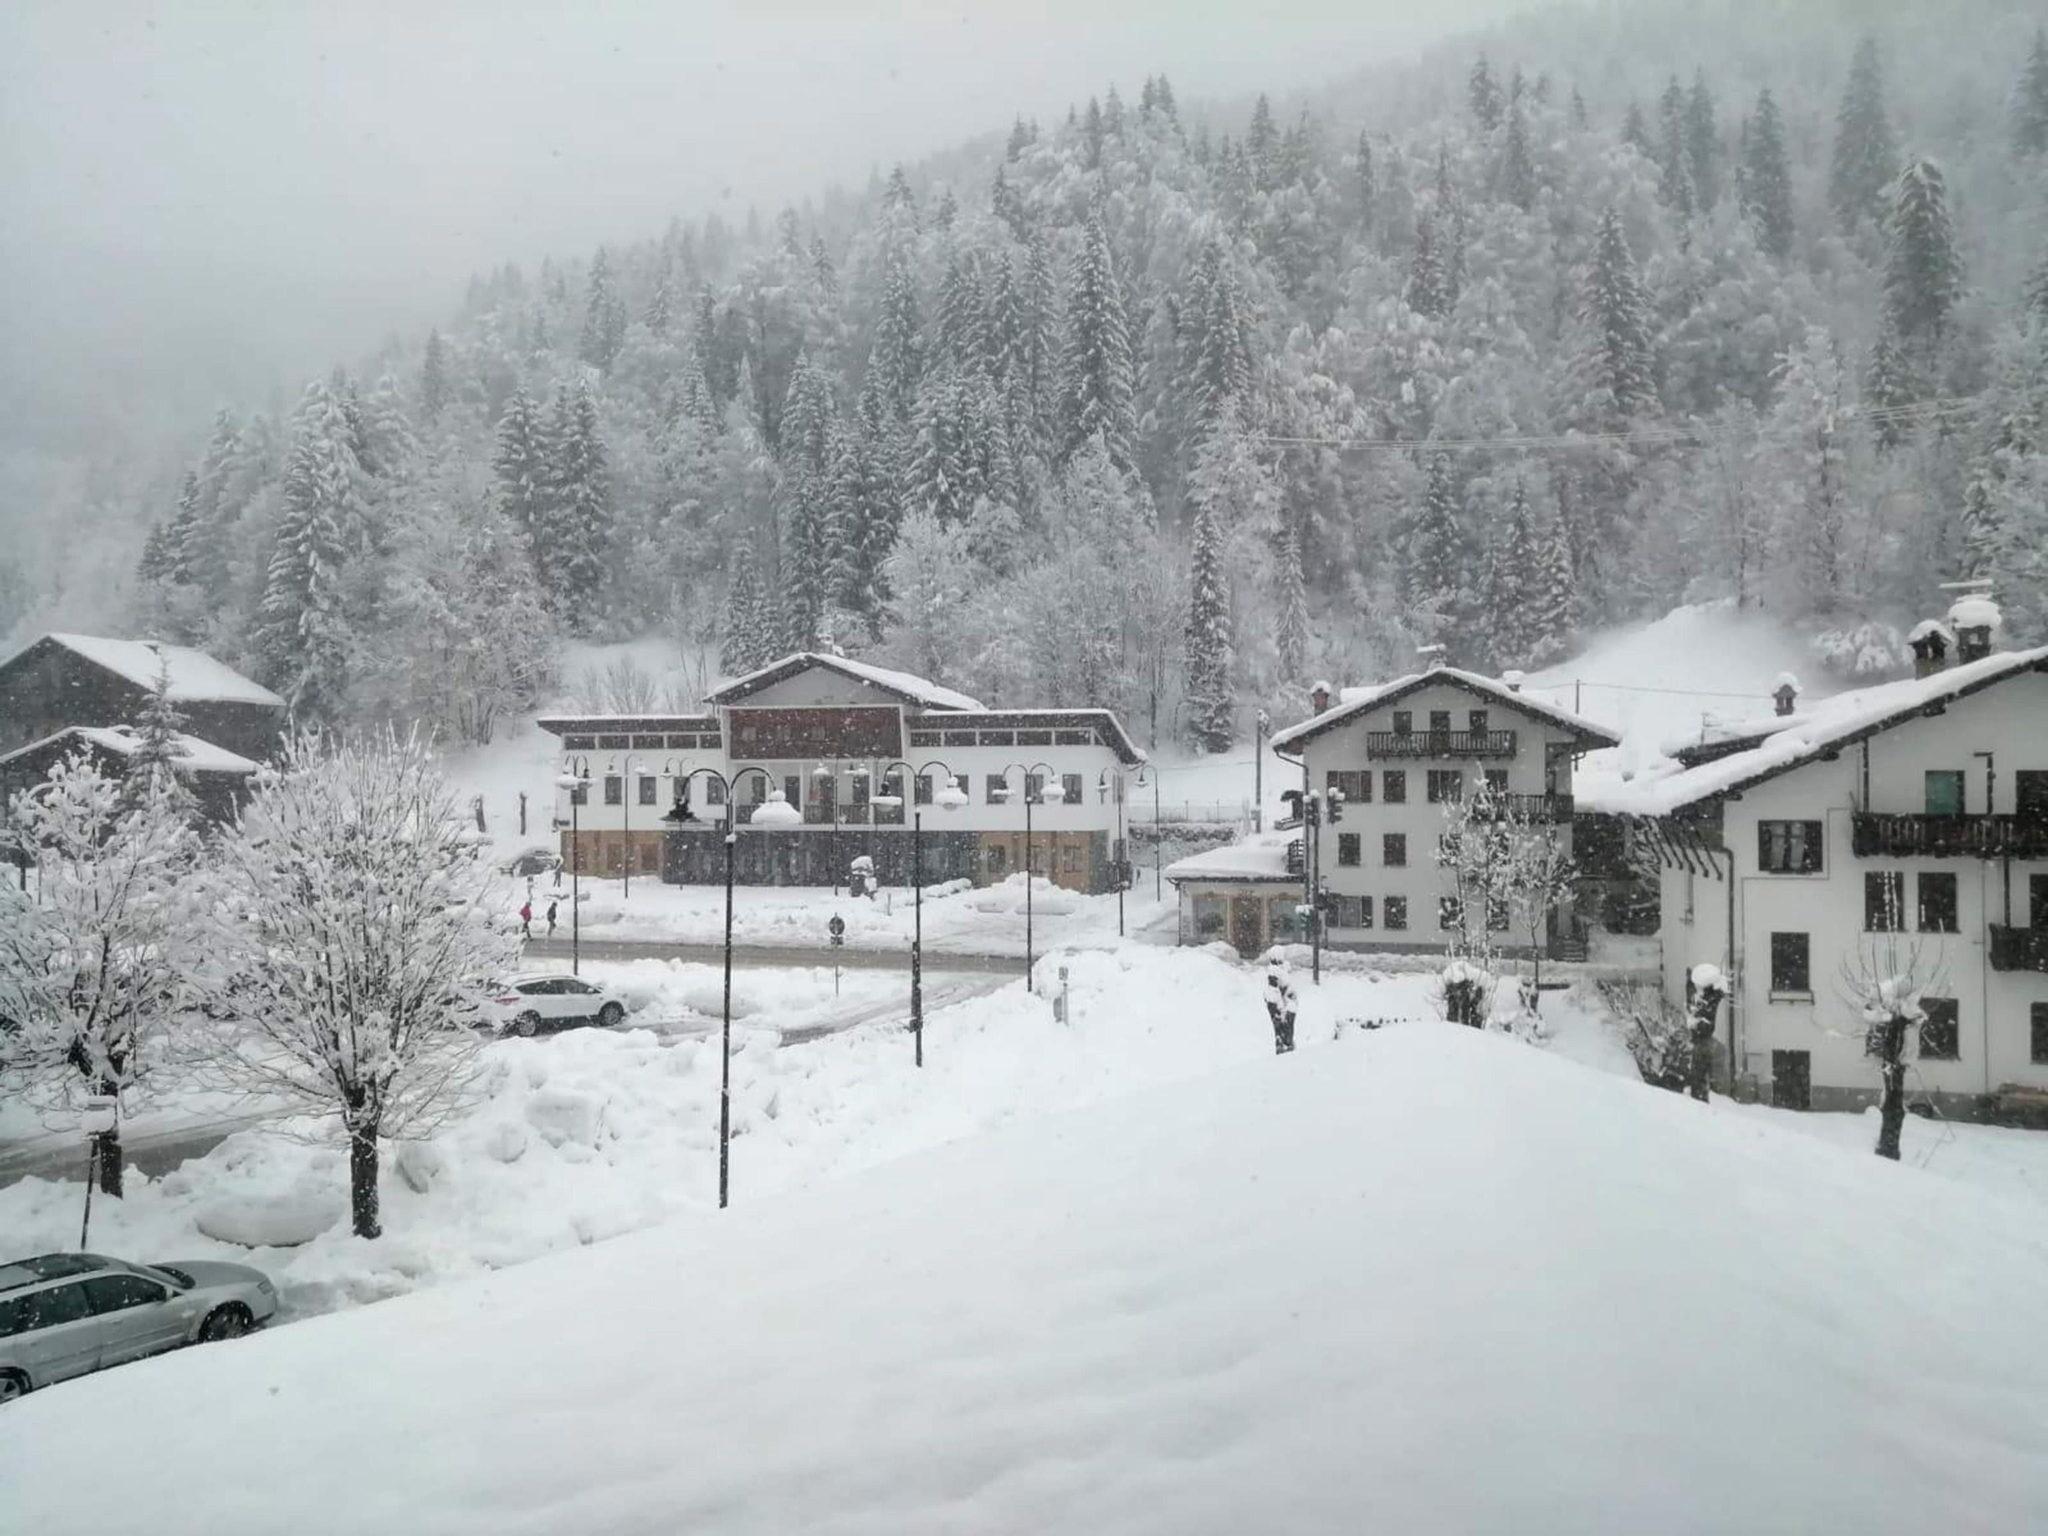 Włochy i duże opady śniegu, niektóre drogi są nieprzejezdne, fot. ANTONELLA SCHENA, fot PAP/EPA.